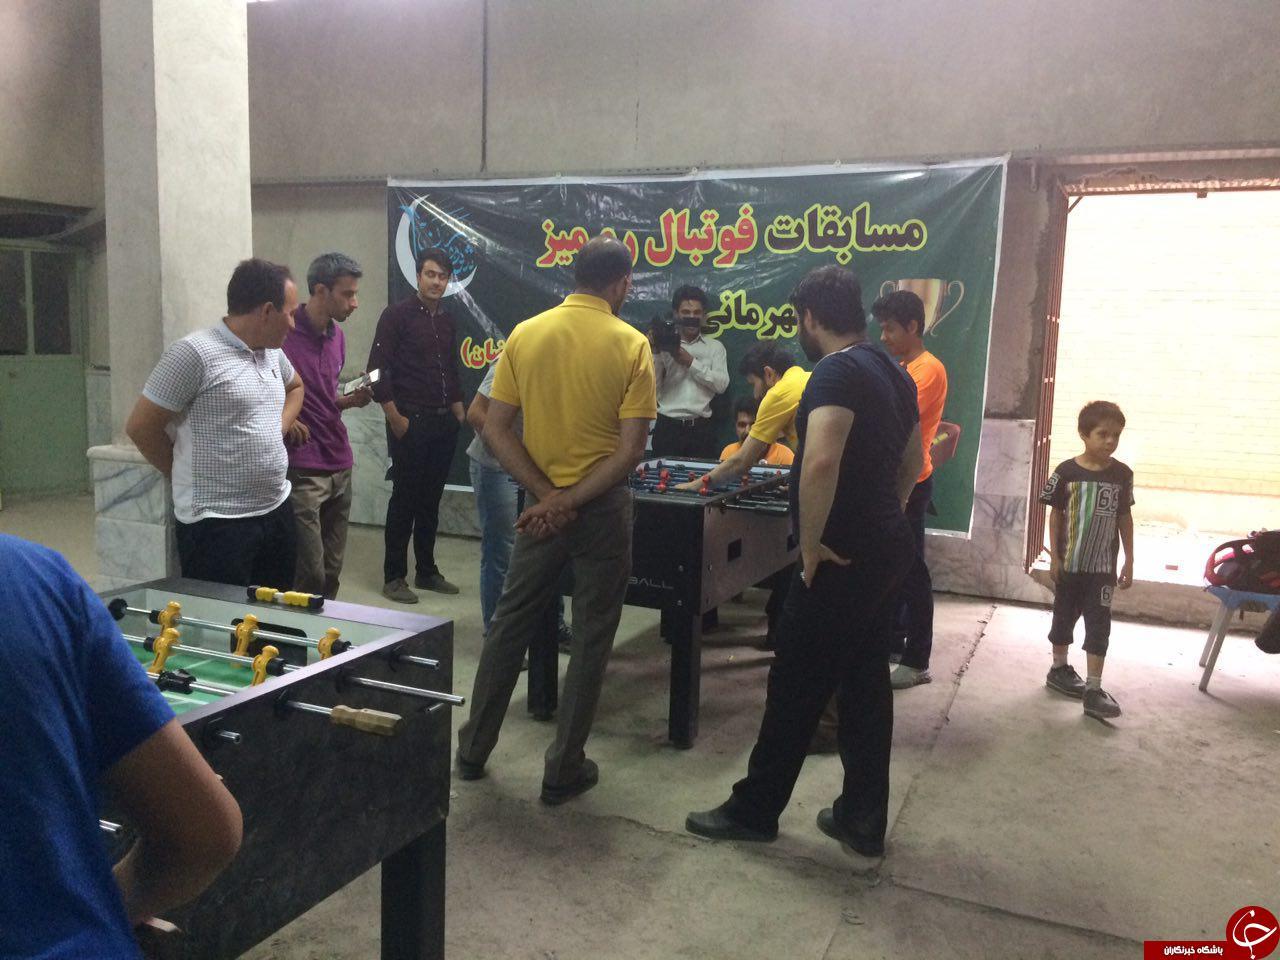 برگزاری مسابقات فوتبال رو میزی گرامیداشت دهه کرامت در مشهد